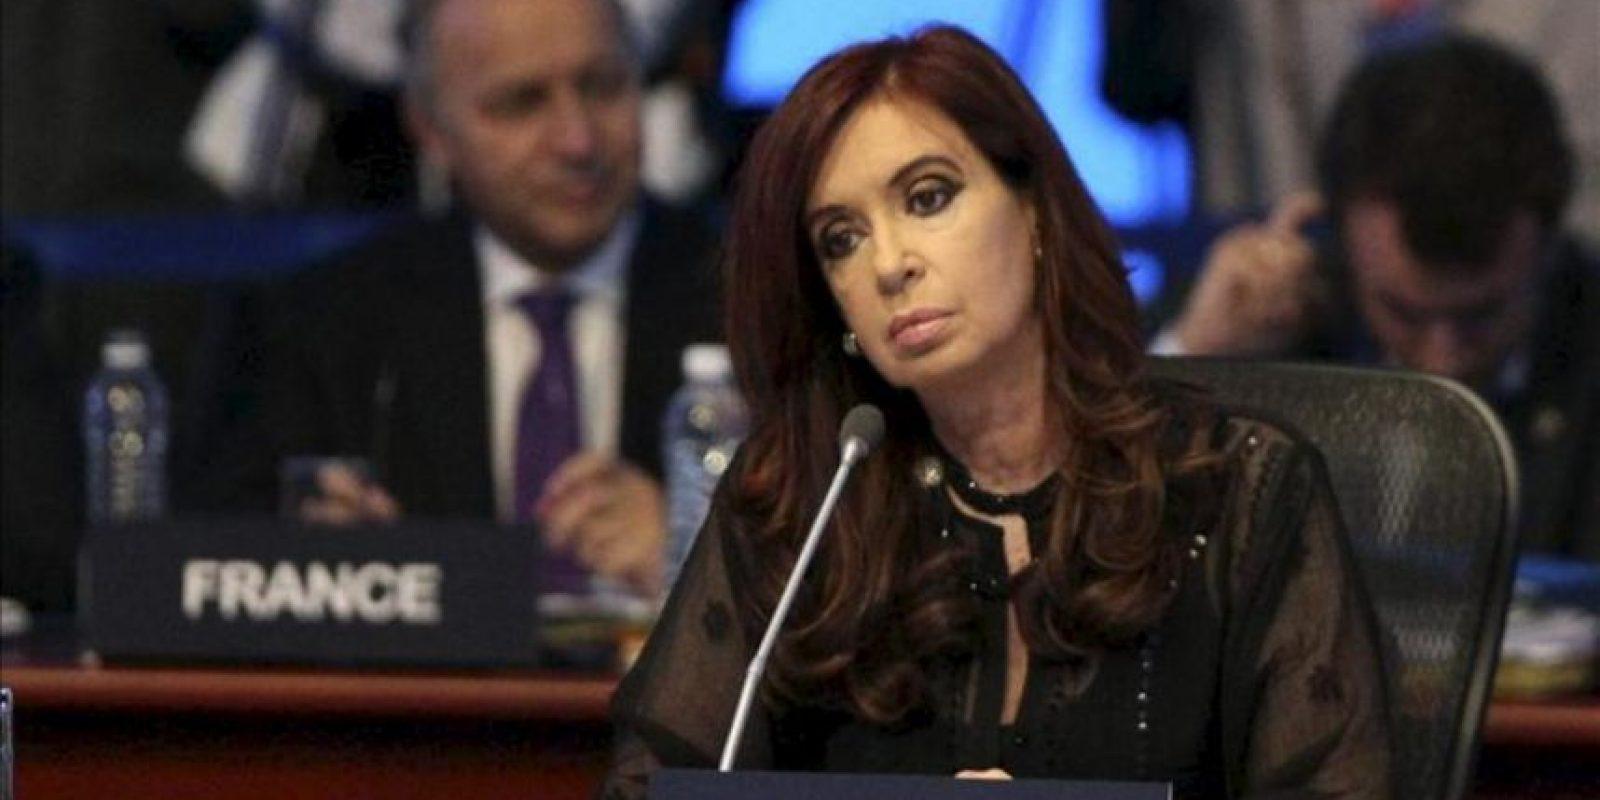 La presidenta de Argentina, Cristina Fernández, participa en la cumbre del G20, en el Centro Internacional de Convenciones de la ciudad de Los Cabos. EFE